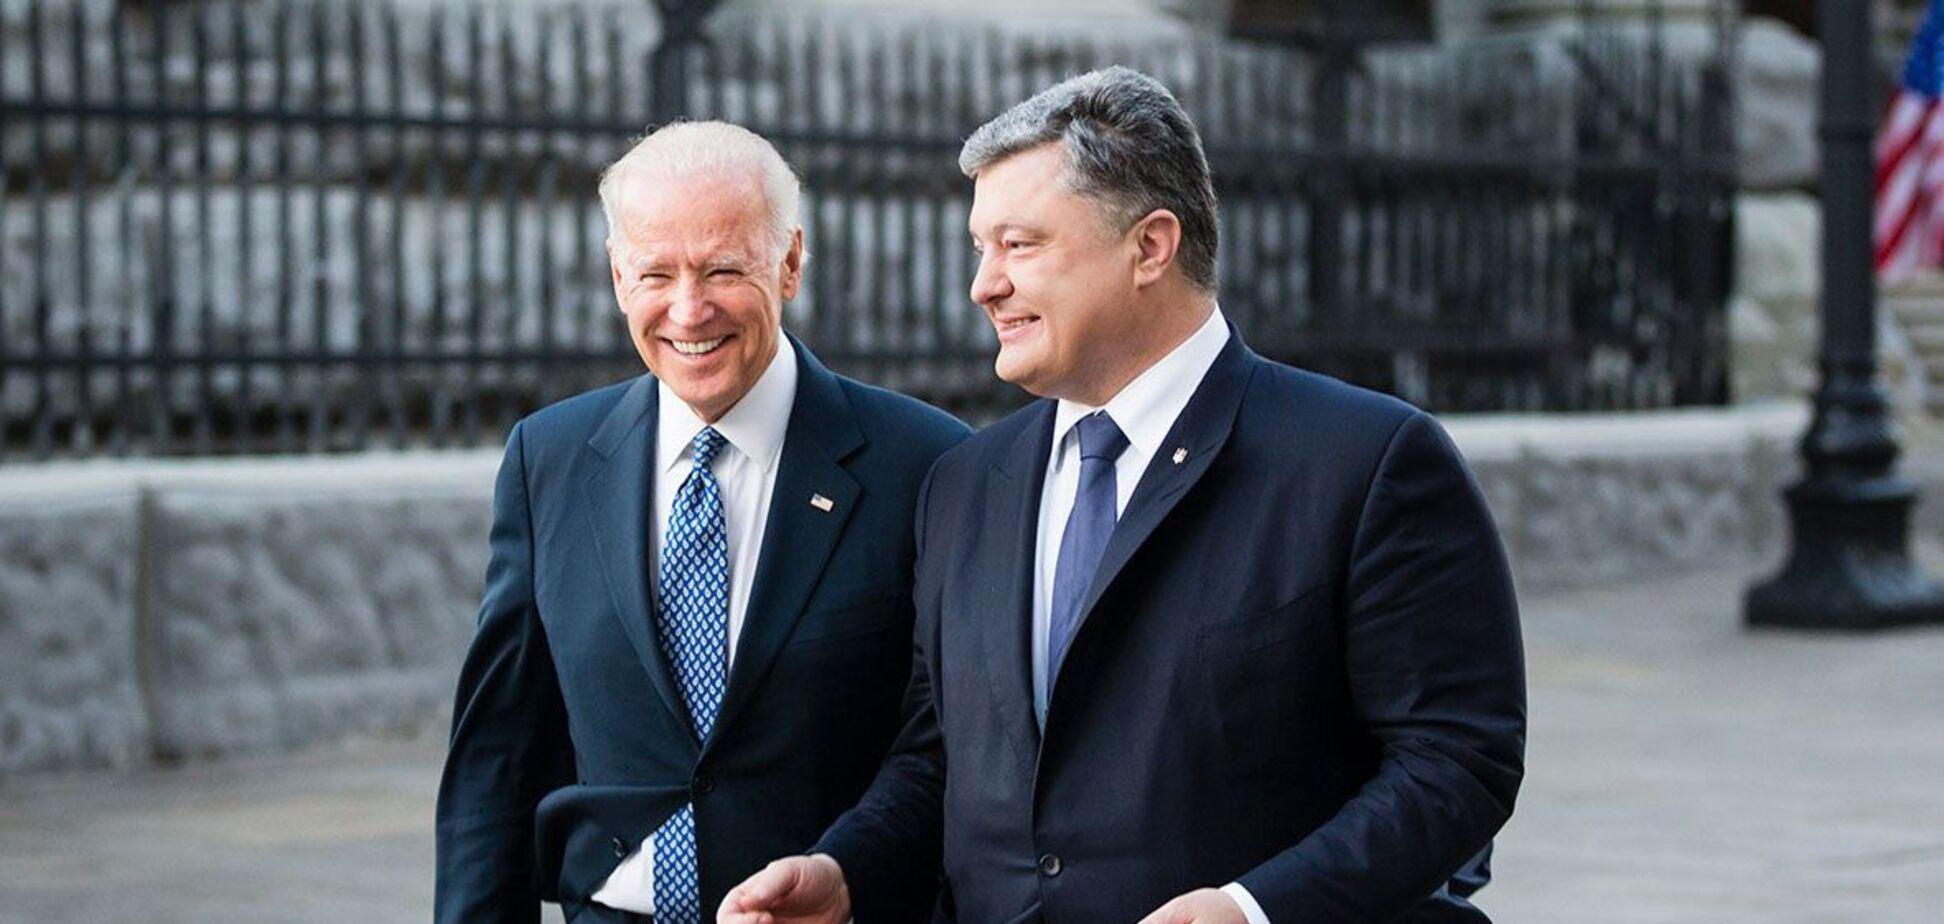 Президентство Байдена может дать Украине ПДЧ в НАТО и восстановление целостности, – Порошенко